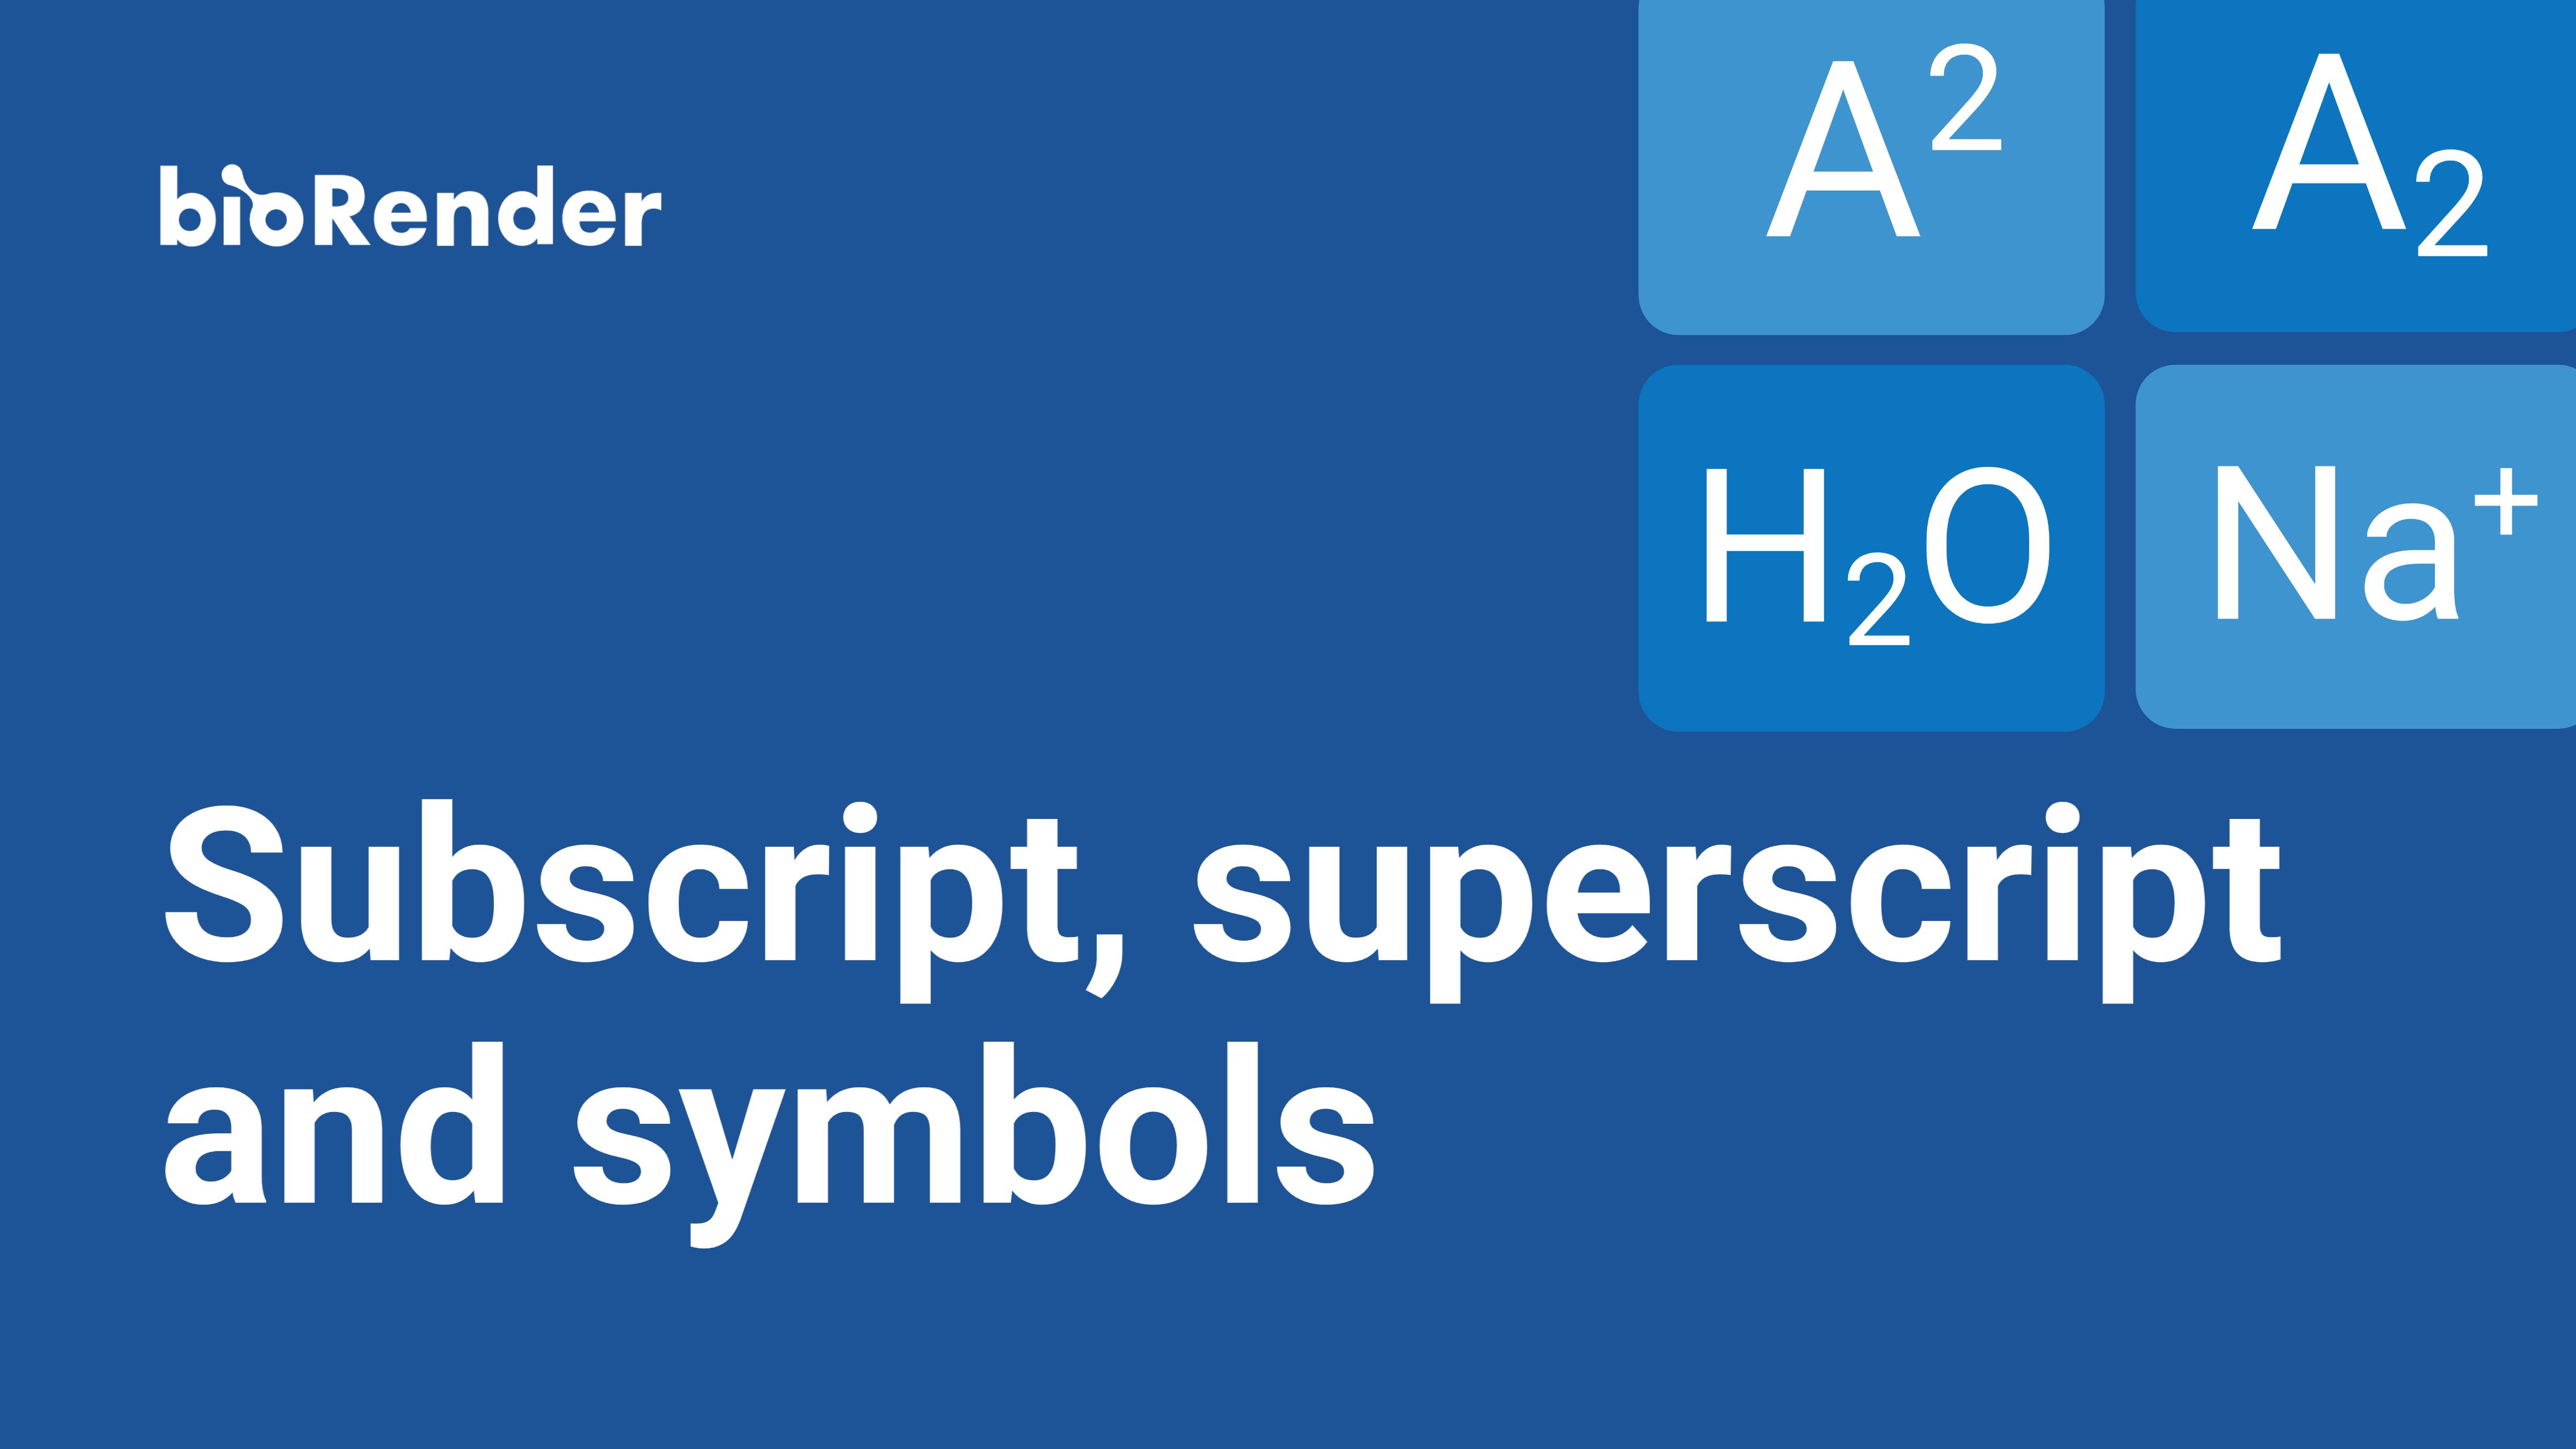 Subscript, Superscript, and Symbols